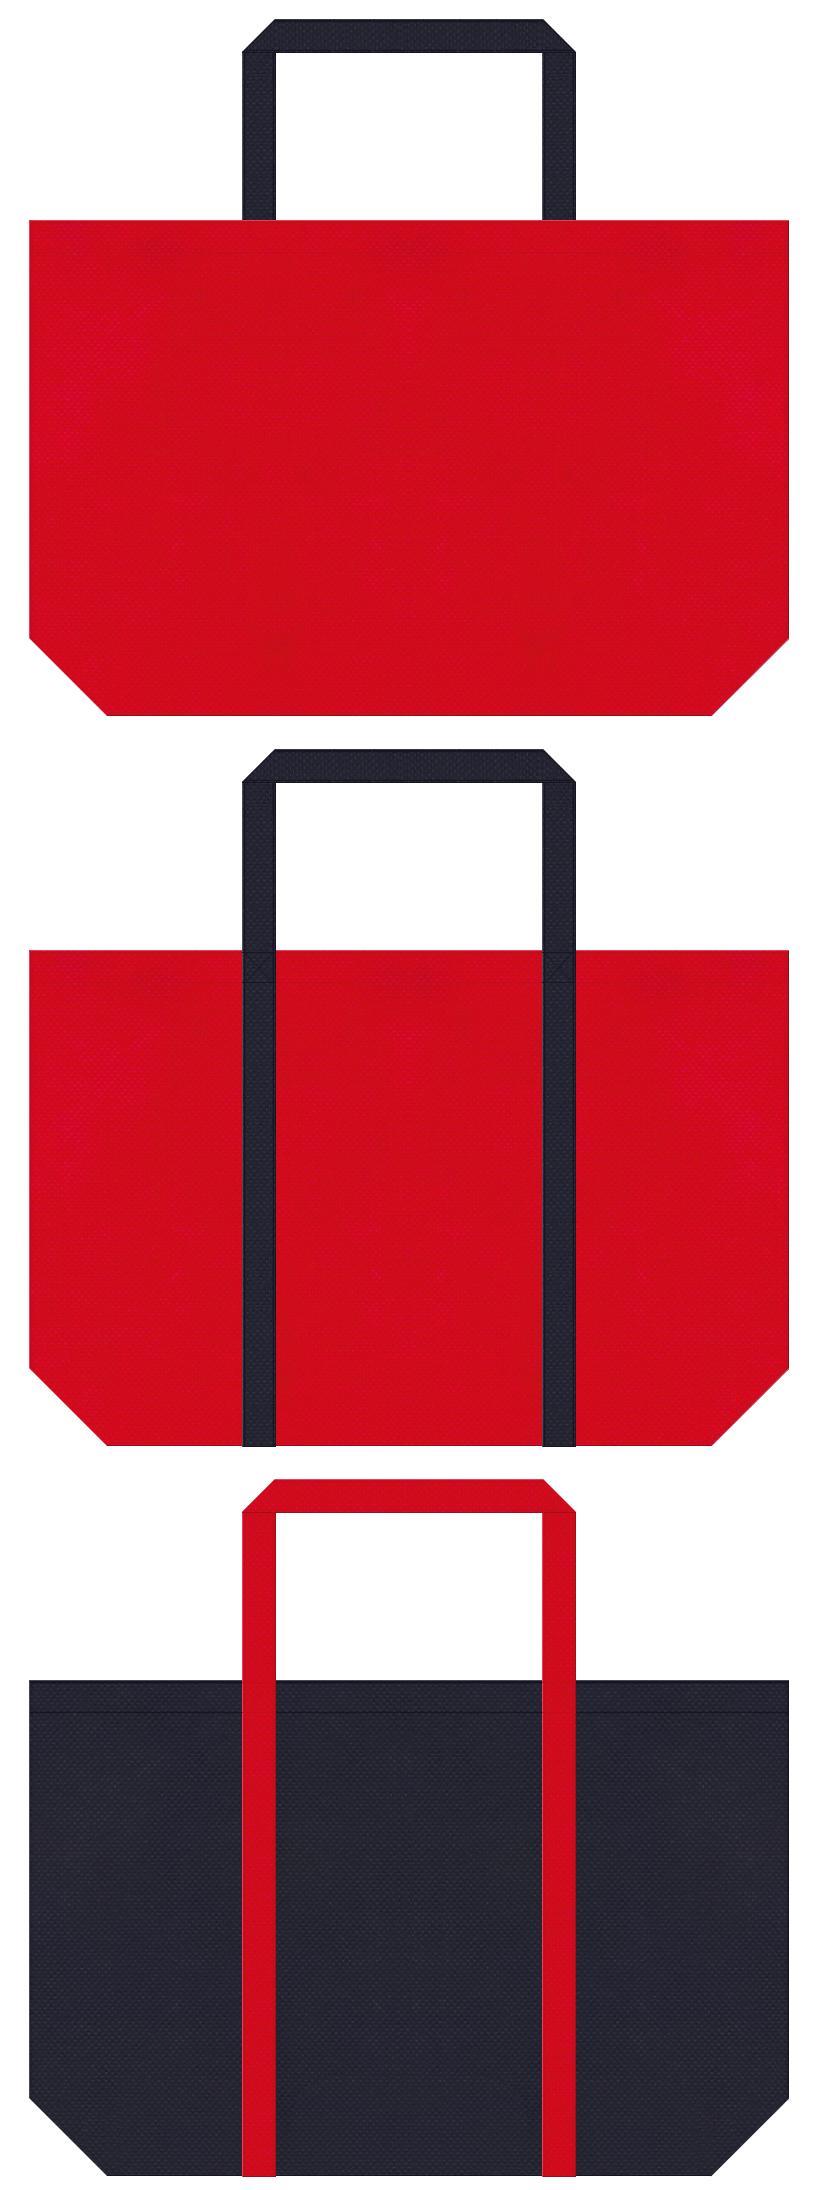 アリーナ・ユニフォーム・シューズ・アウトドア・スポーツバッグ・国旗・イギリス・アメリカ・フランス・語学教室・レッスンバッグ・海外旅行・トラベルバッグのノベルティにお奨めの不織布バッグデザイン:紅色と濃紺色のコーデ